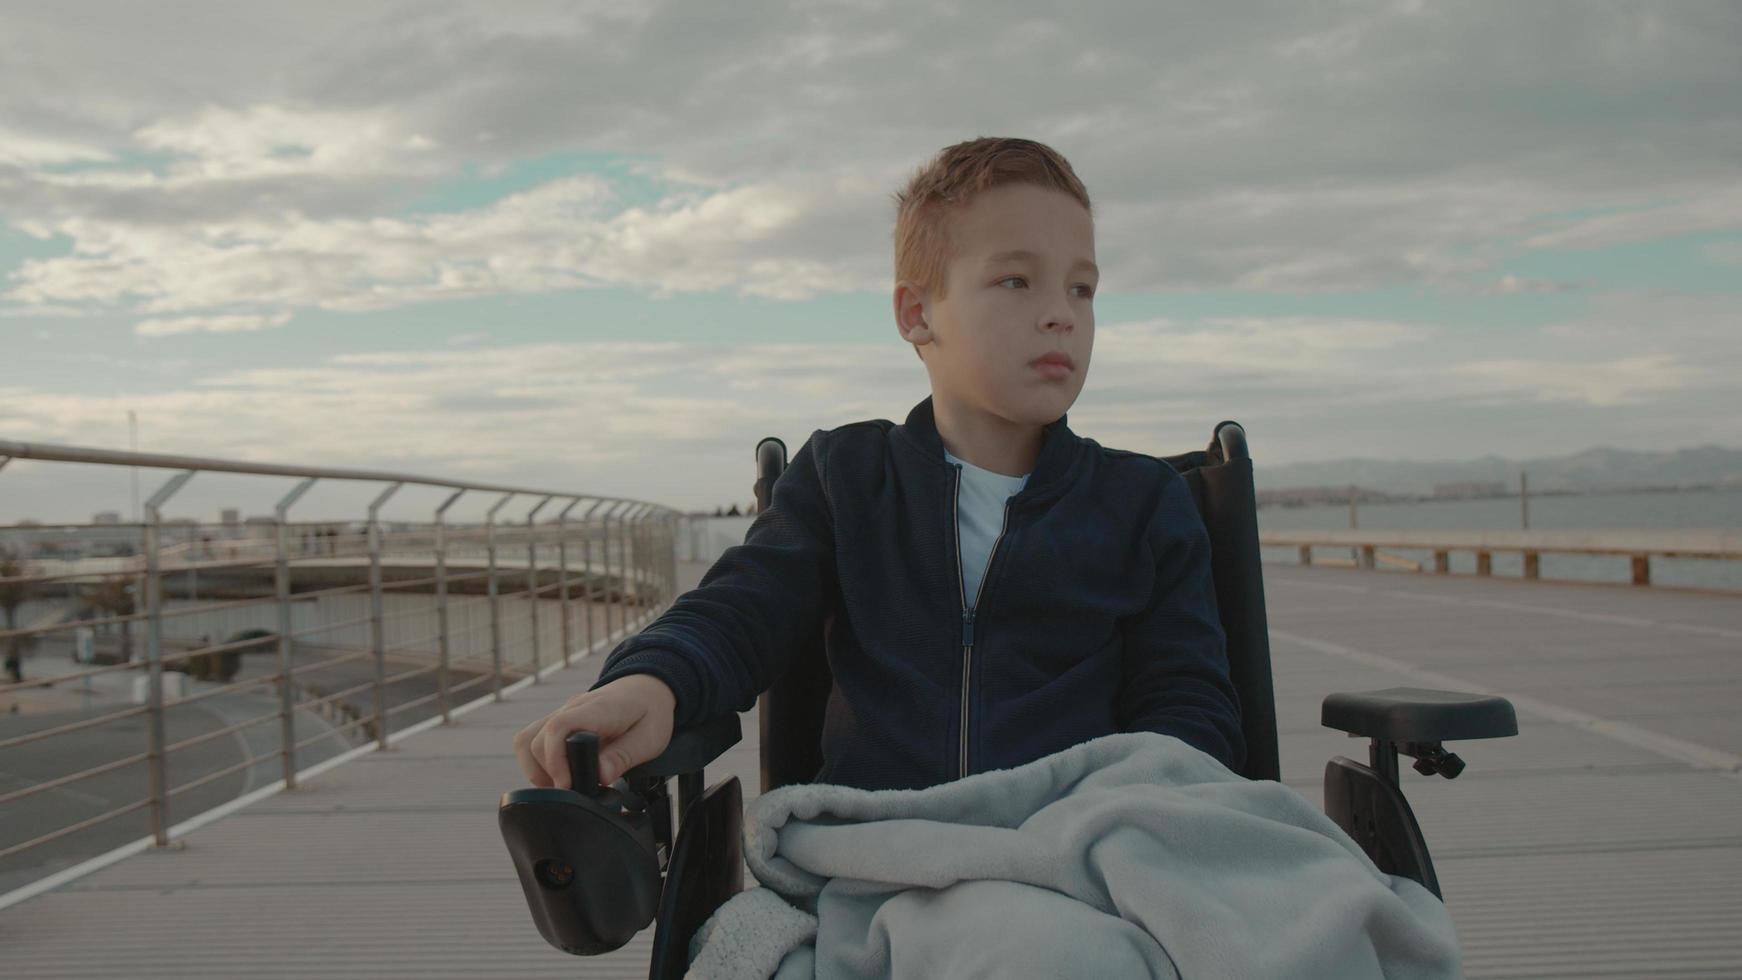 ragazzo su una sedia a rotelle fuori foto